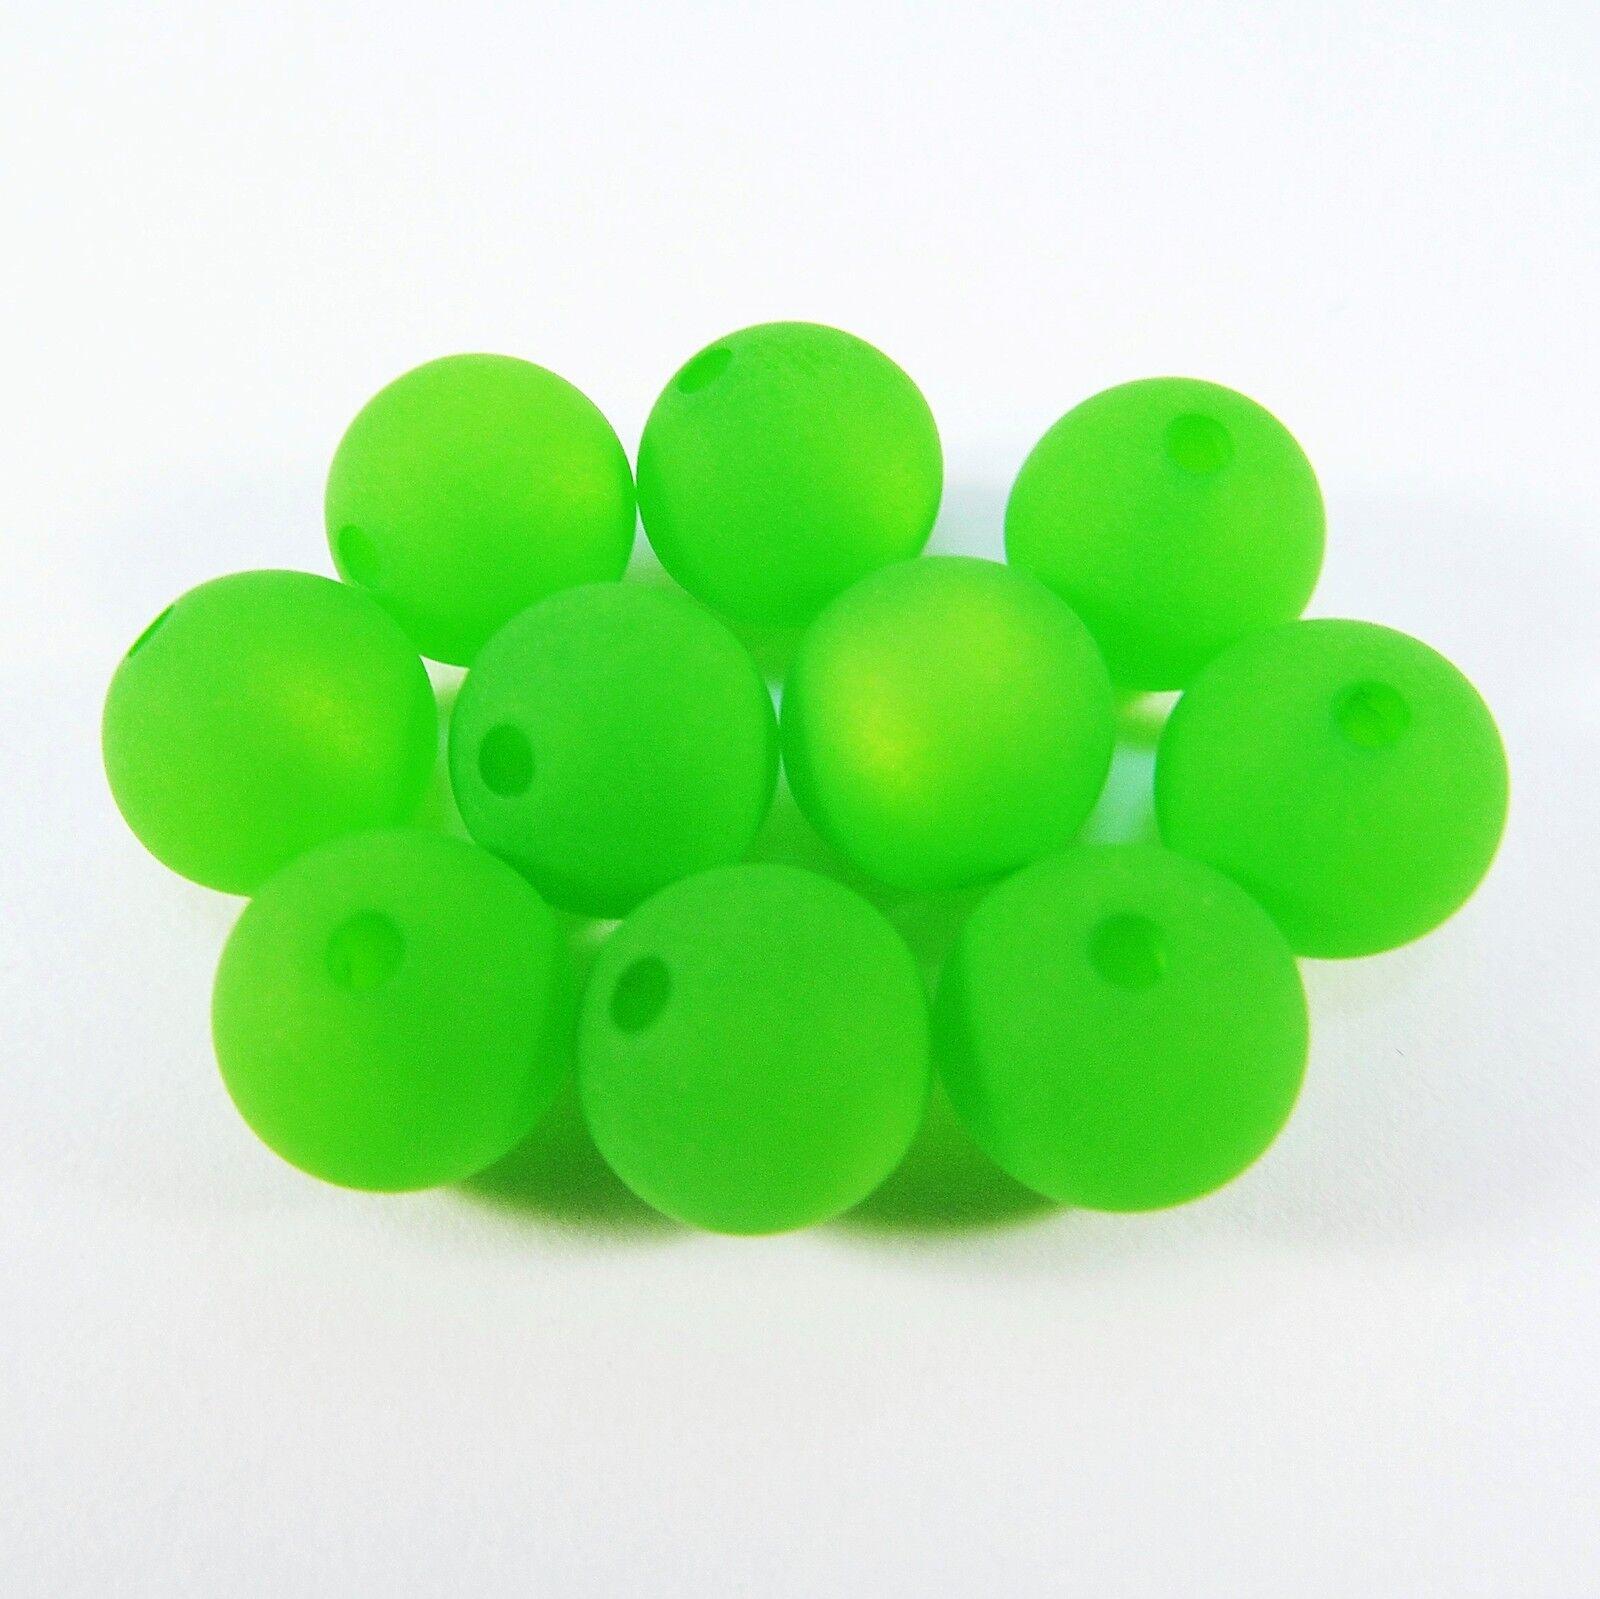 Original Polarisperlen: Kugel matt 10mm, Farbe grün